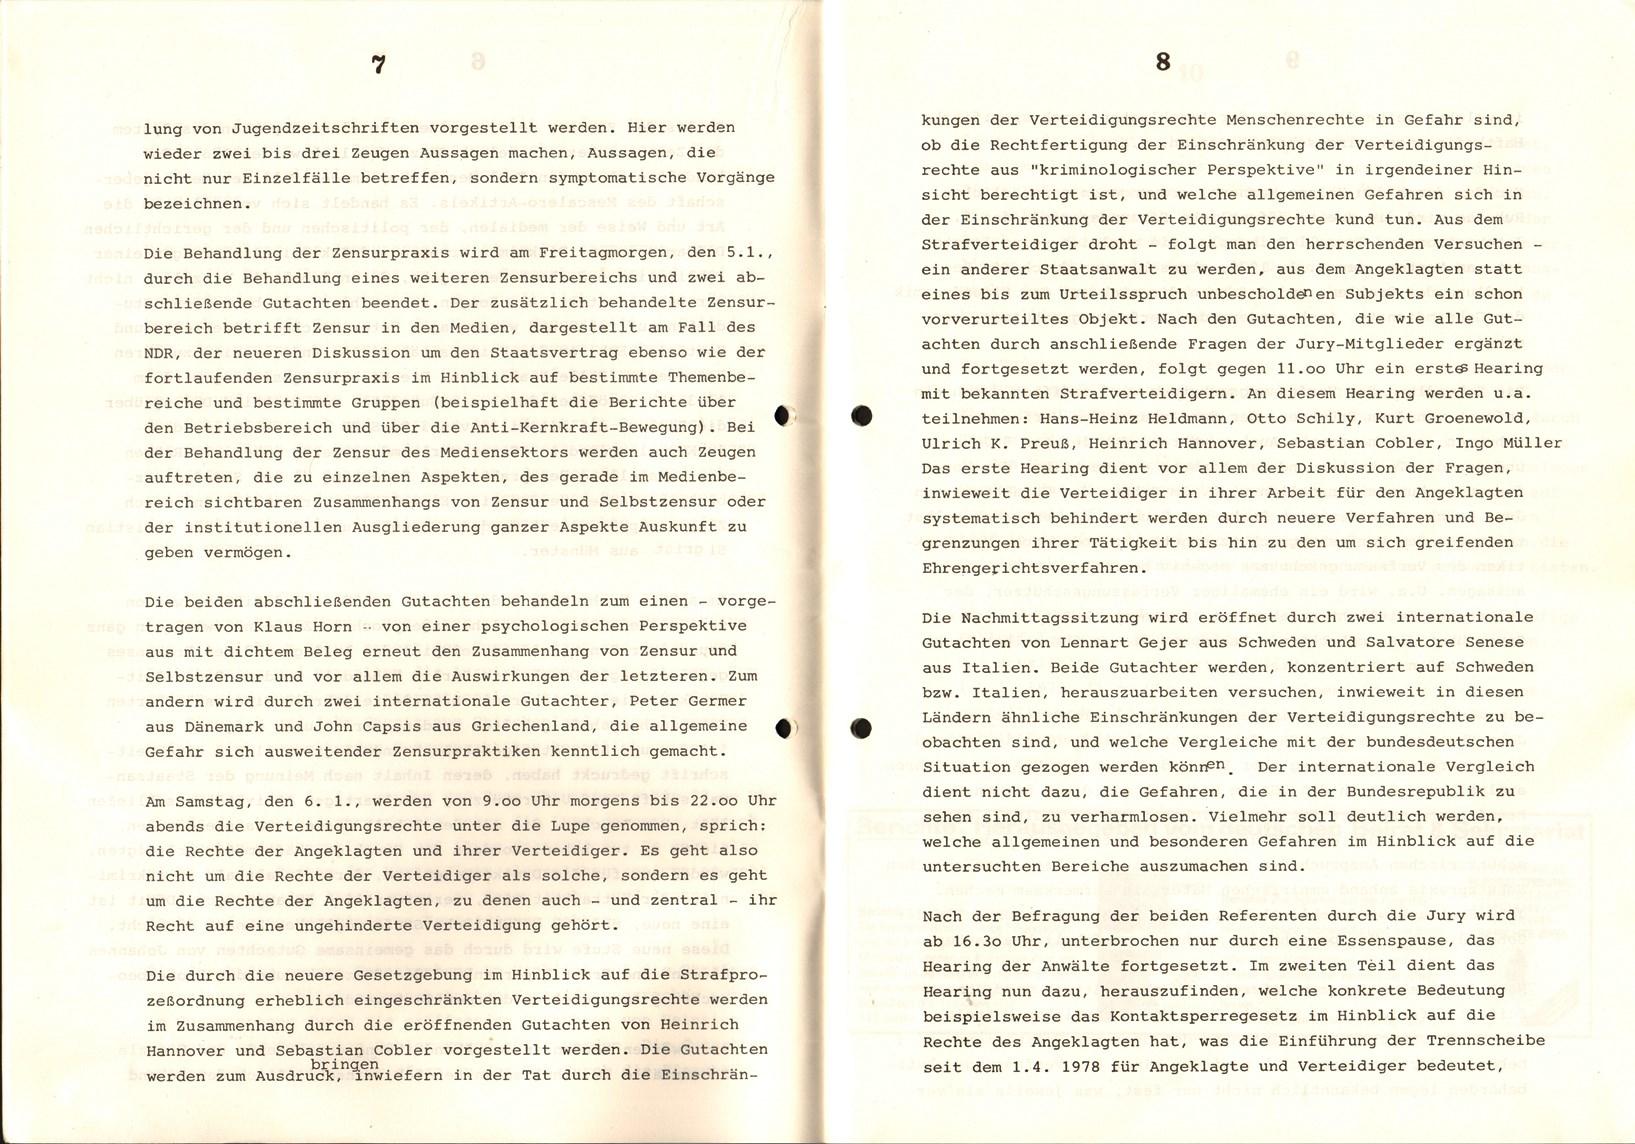 RT_Zur_zweiten_Sitzungsperiode_1979_07